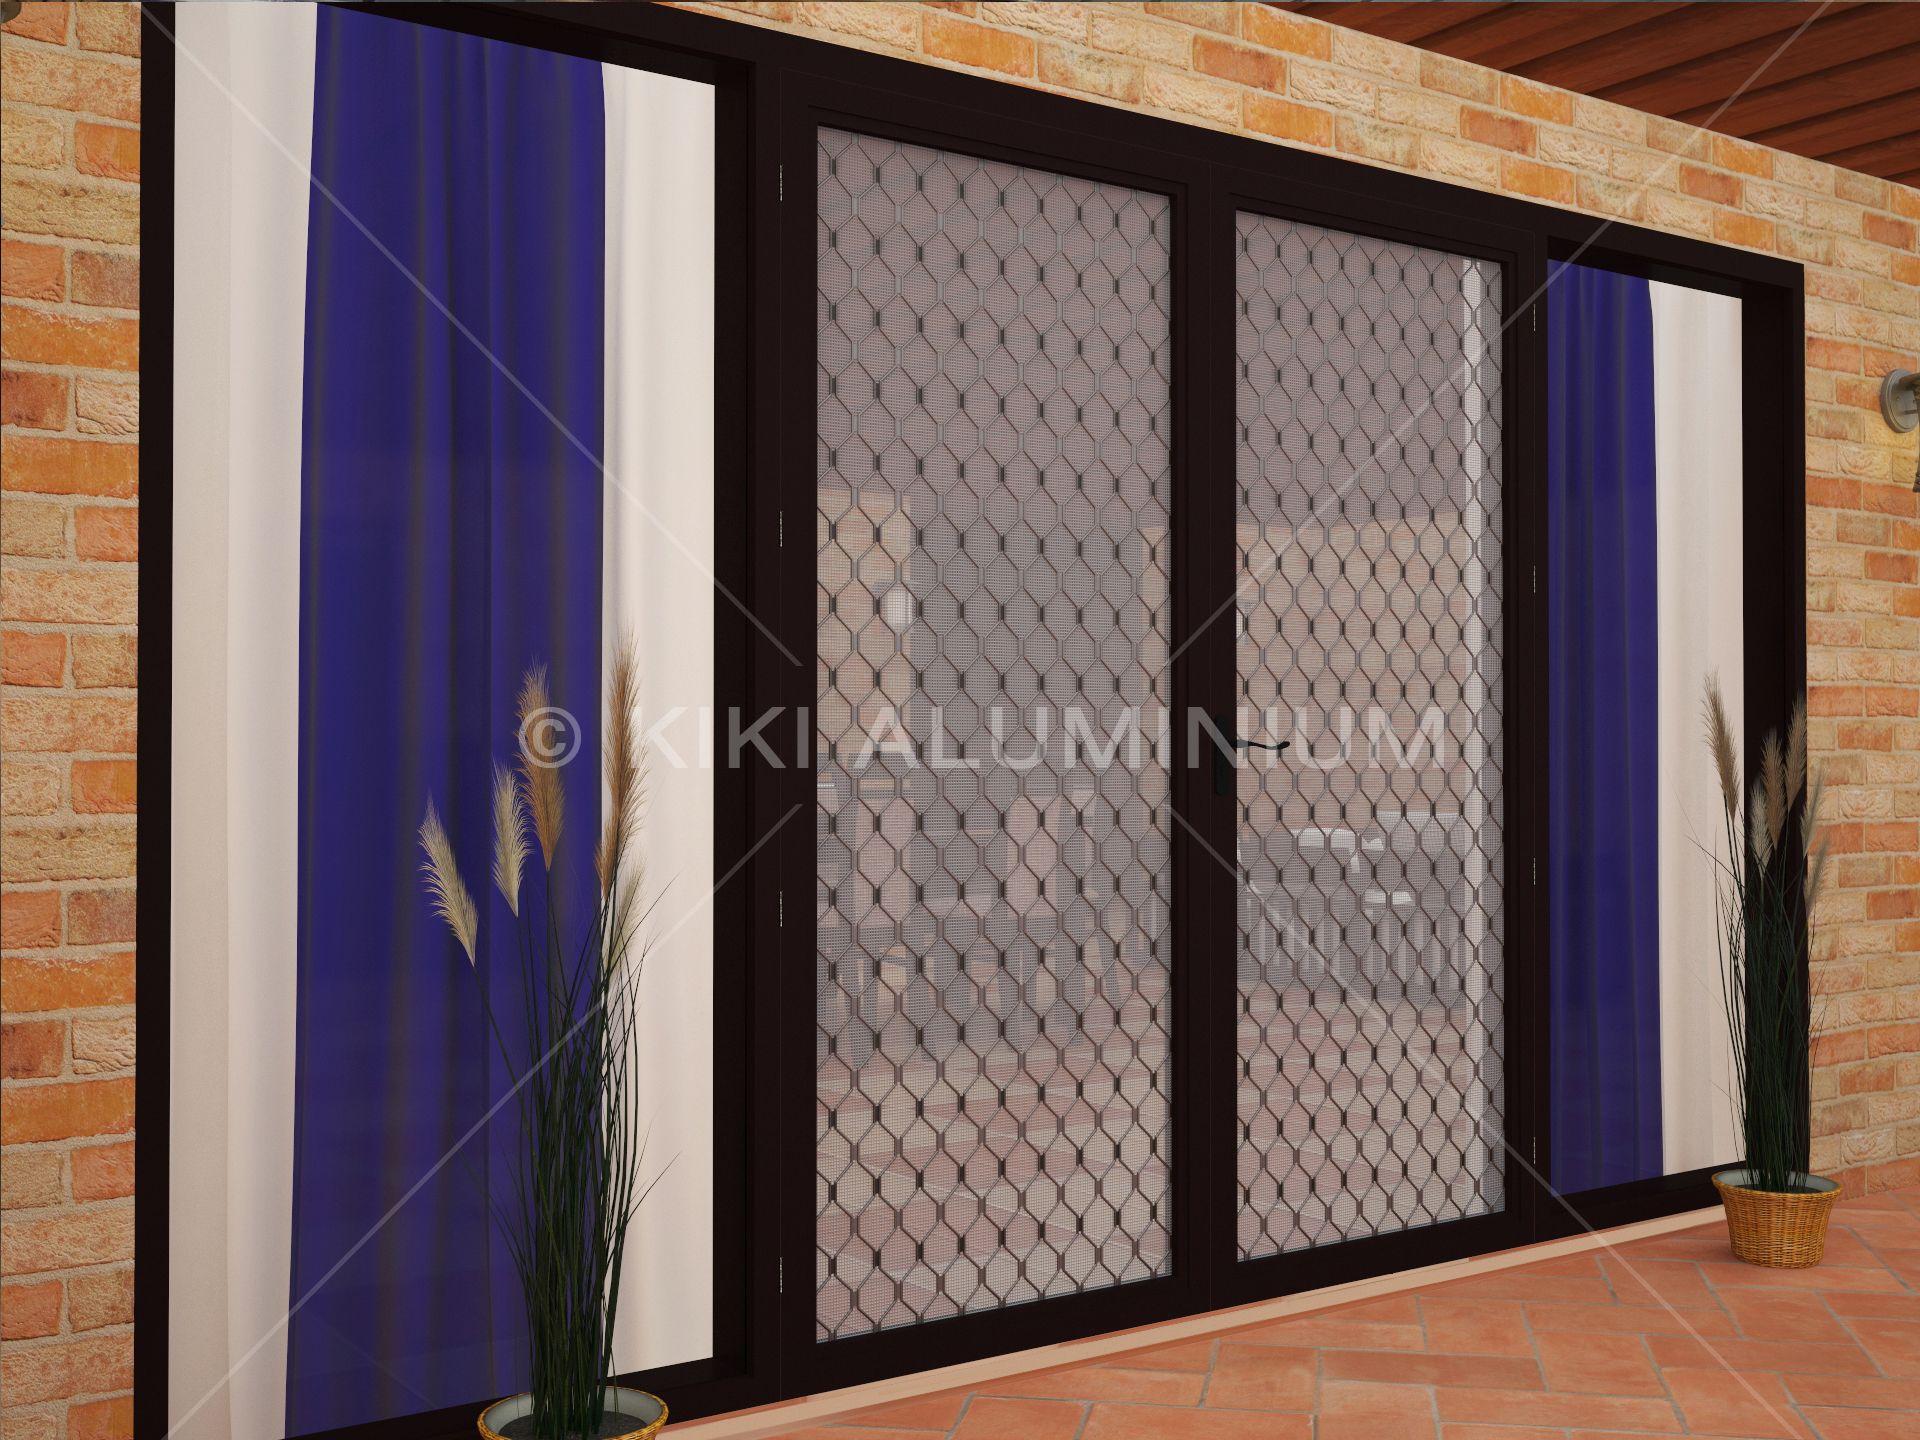 Pintu Swing Expanda dengan &limesh expanda dan kawat nyamuk; Finishing profil aluminium anodized black & Pintu Swing Expanda dengan amplimesh expanda dan kawat nyamuk ...